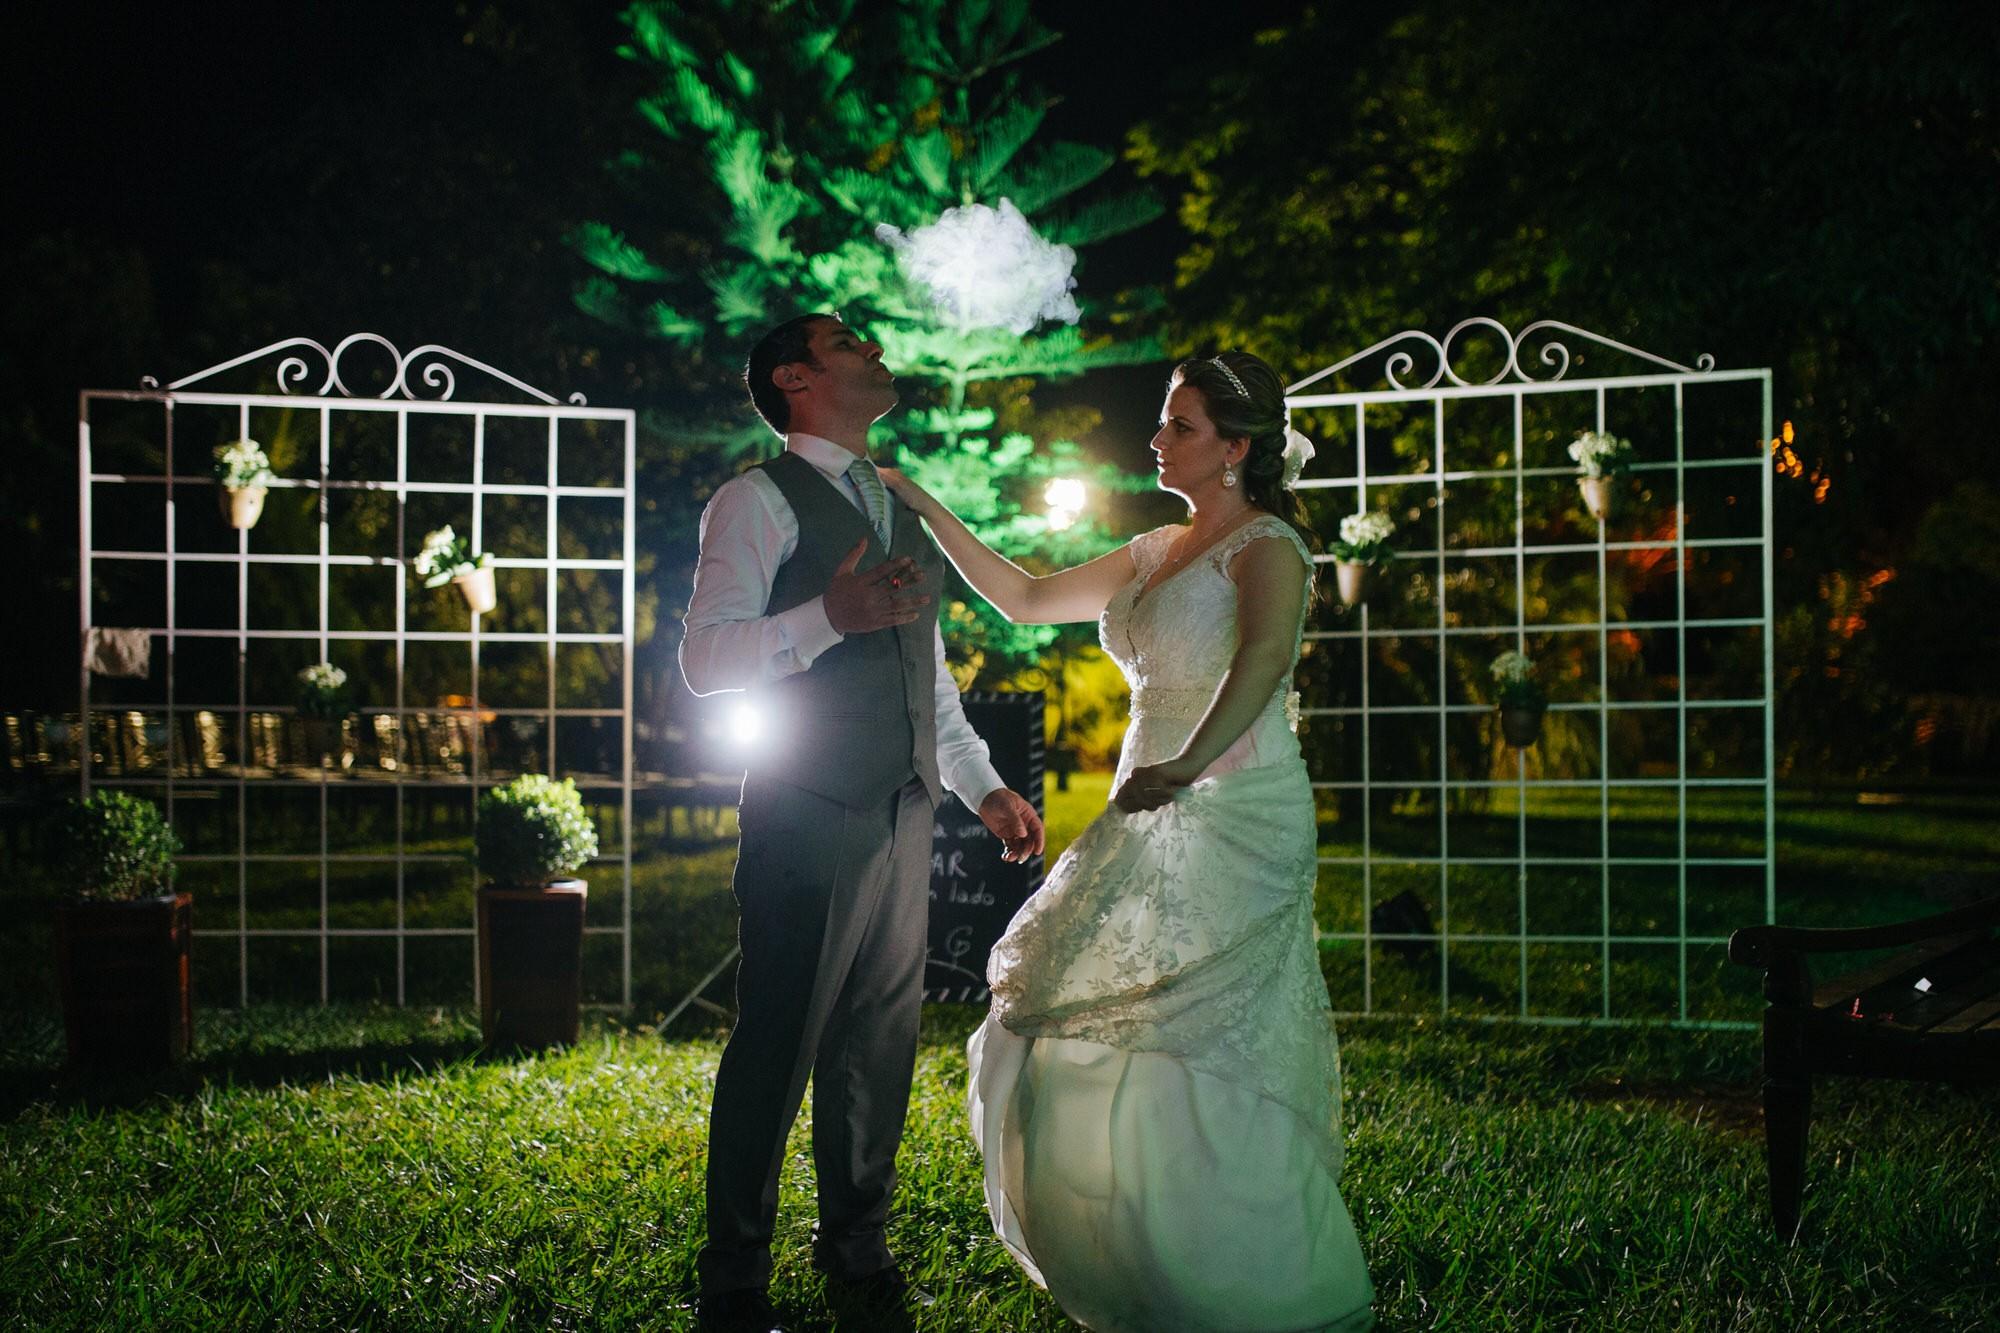 Fabio e Gisele - Casamento em Mundo Novo - MS por Lorran Souza e Léia Sotile - fotografo de casamentos - 00039